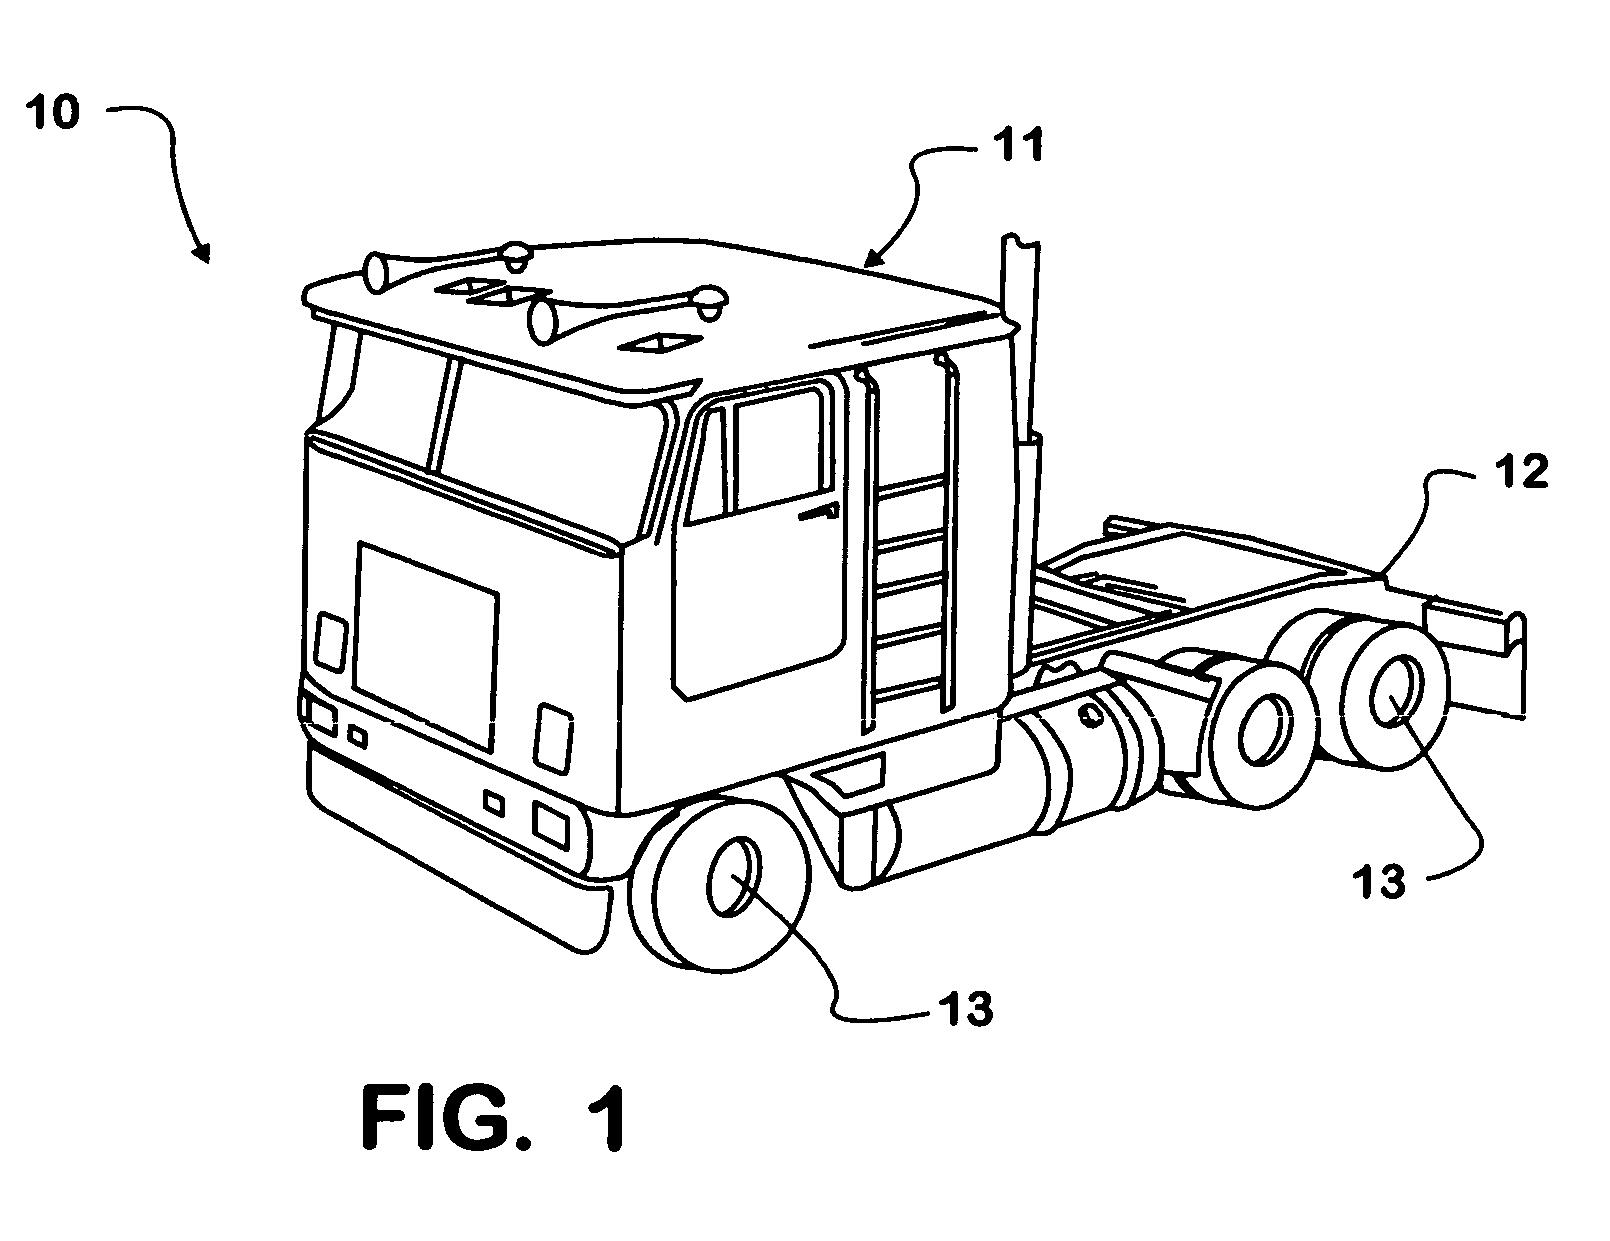 Freightliner Truck Schematics